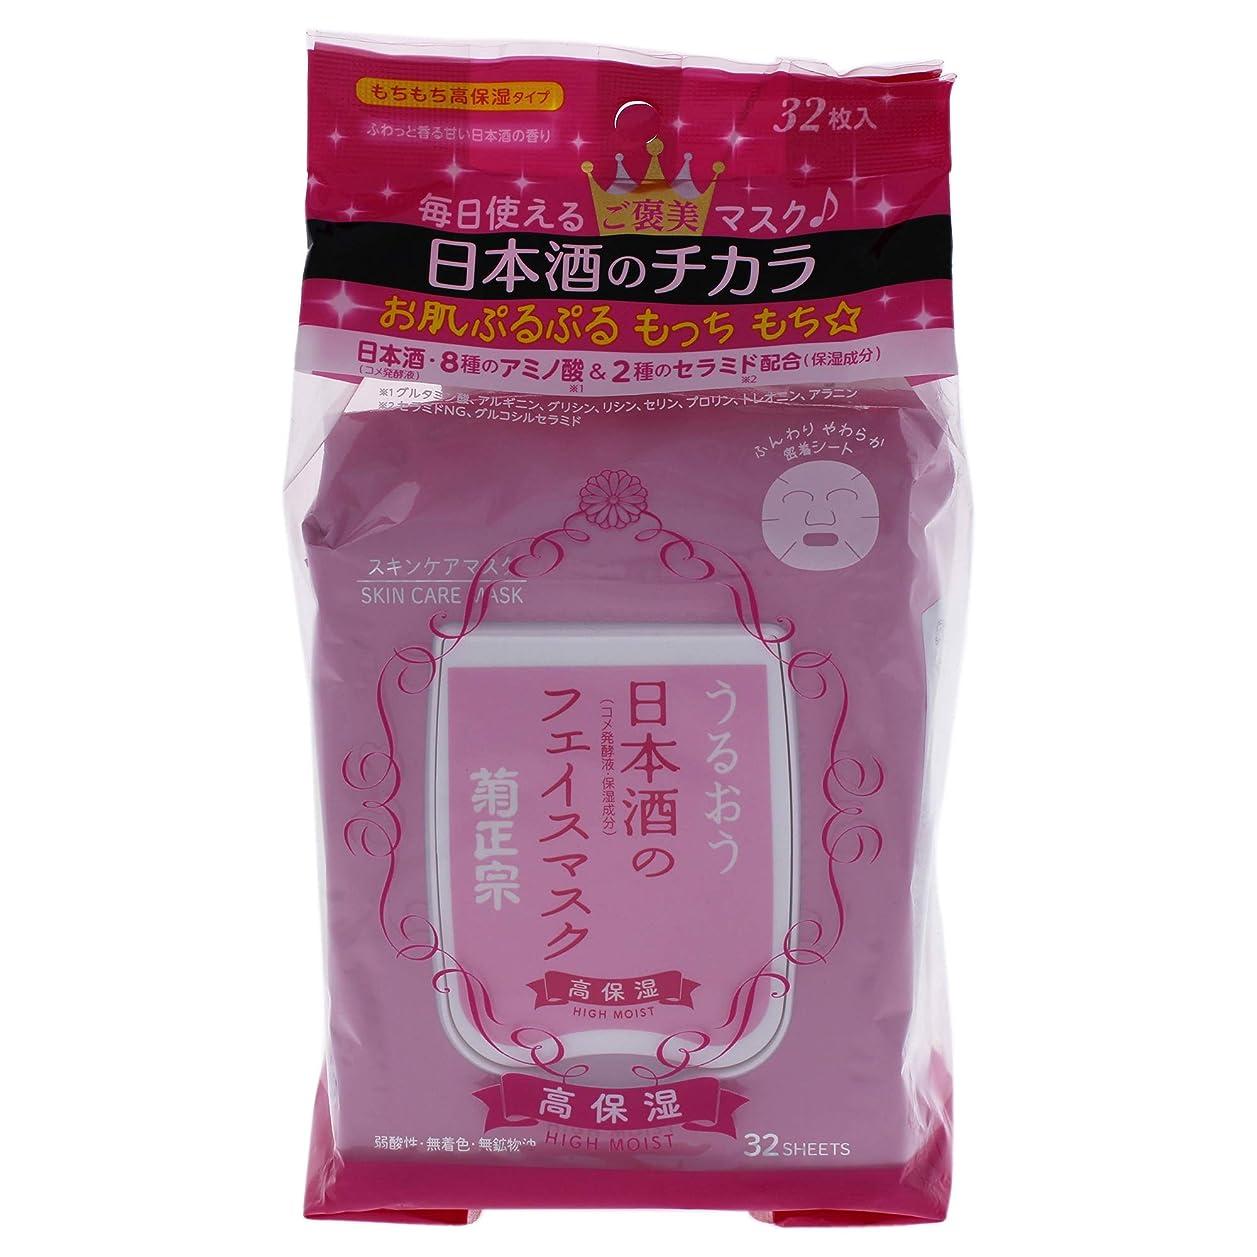 以前は危険スカート菊正宗 日本酒のフェイスマスク 高保湿 32枚入